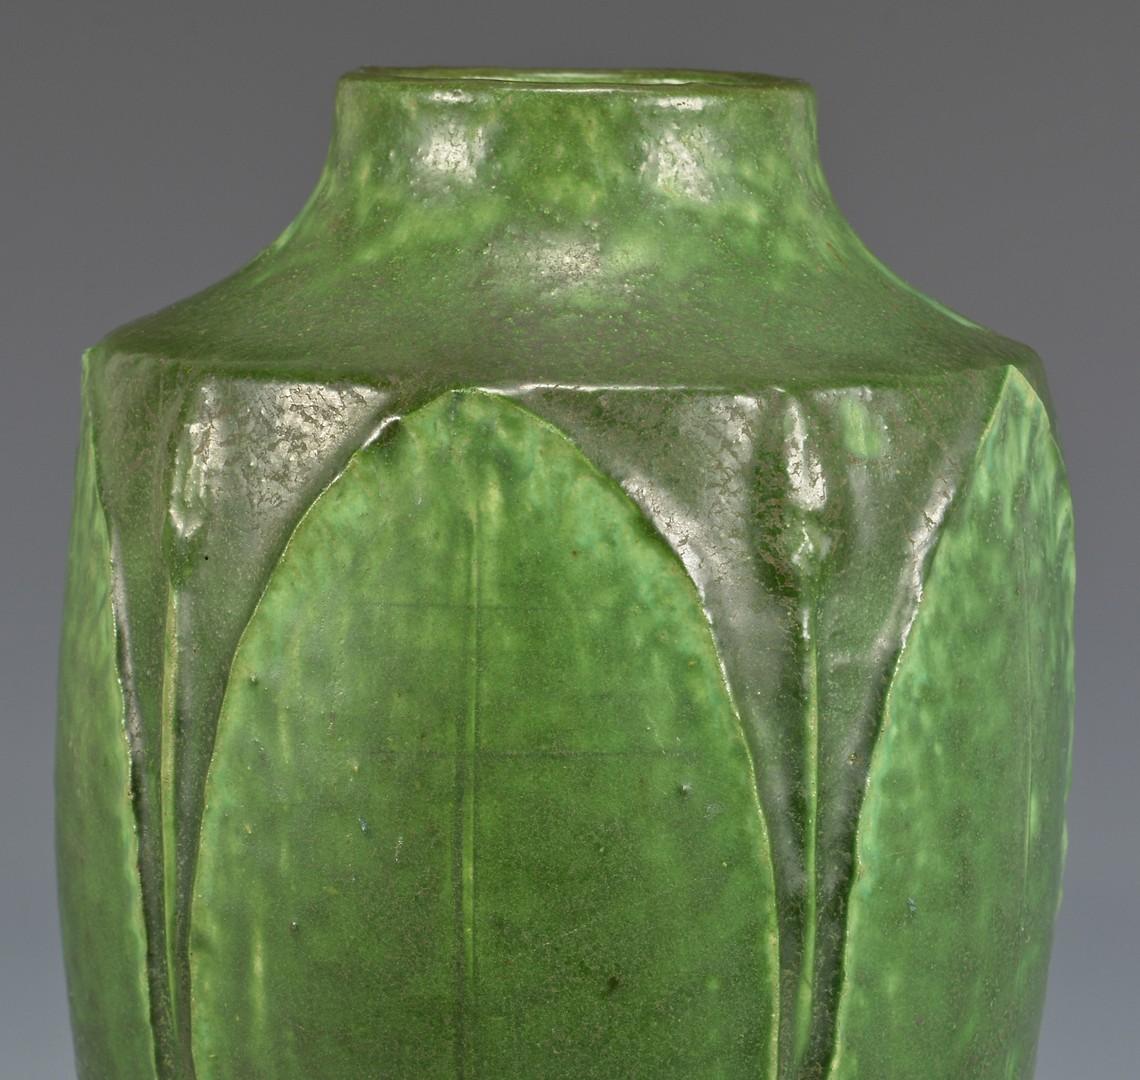 Lot 462: Grueby Faience Company Art Pottery Vase